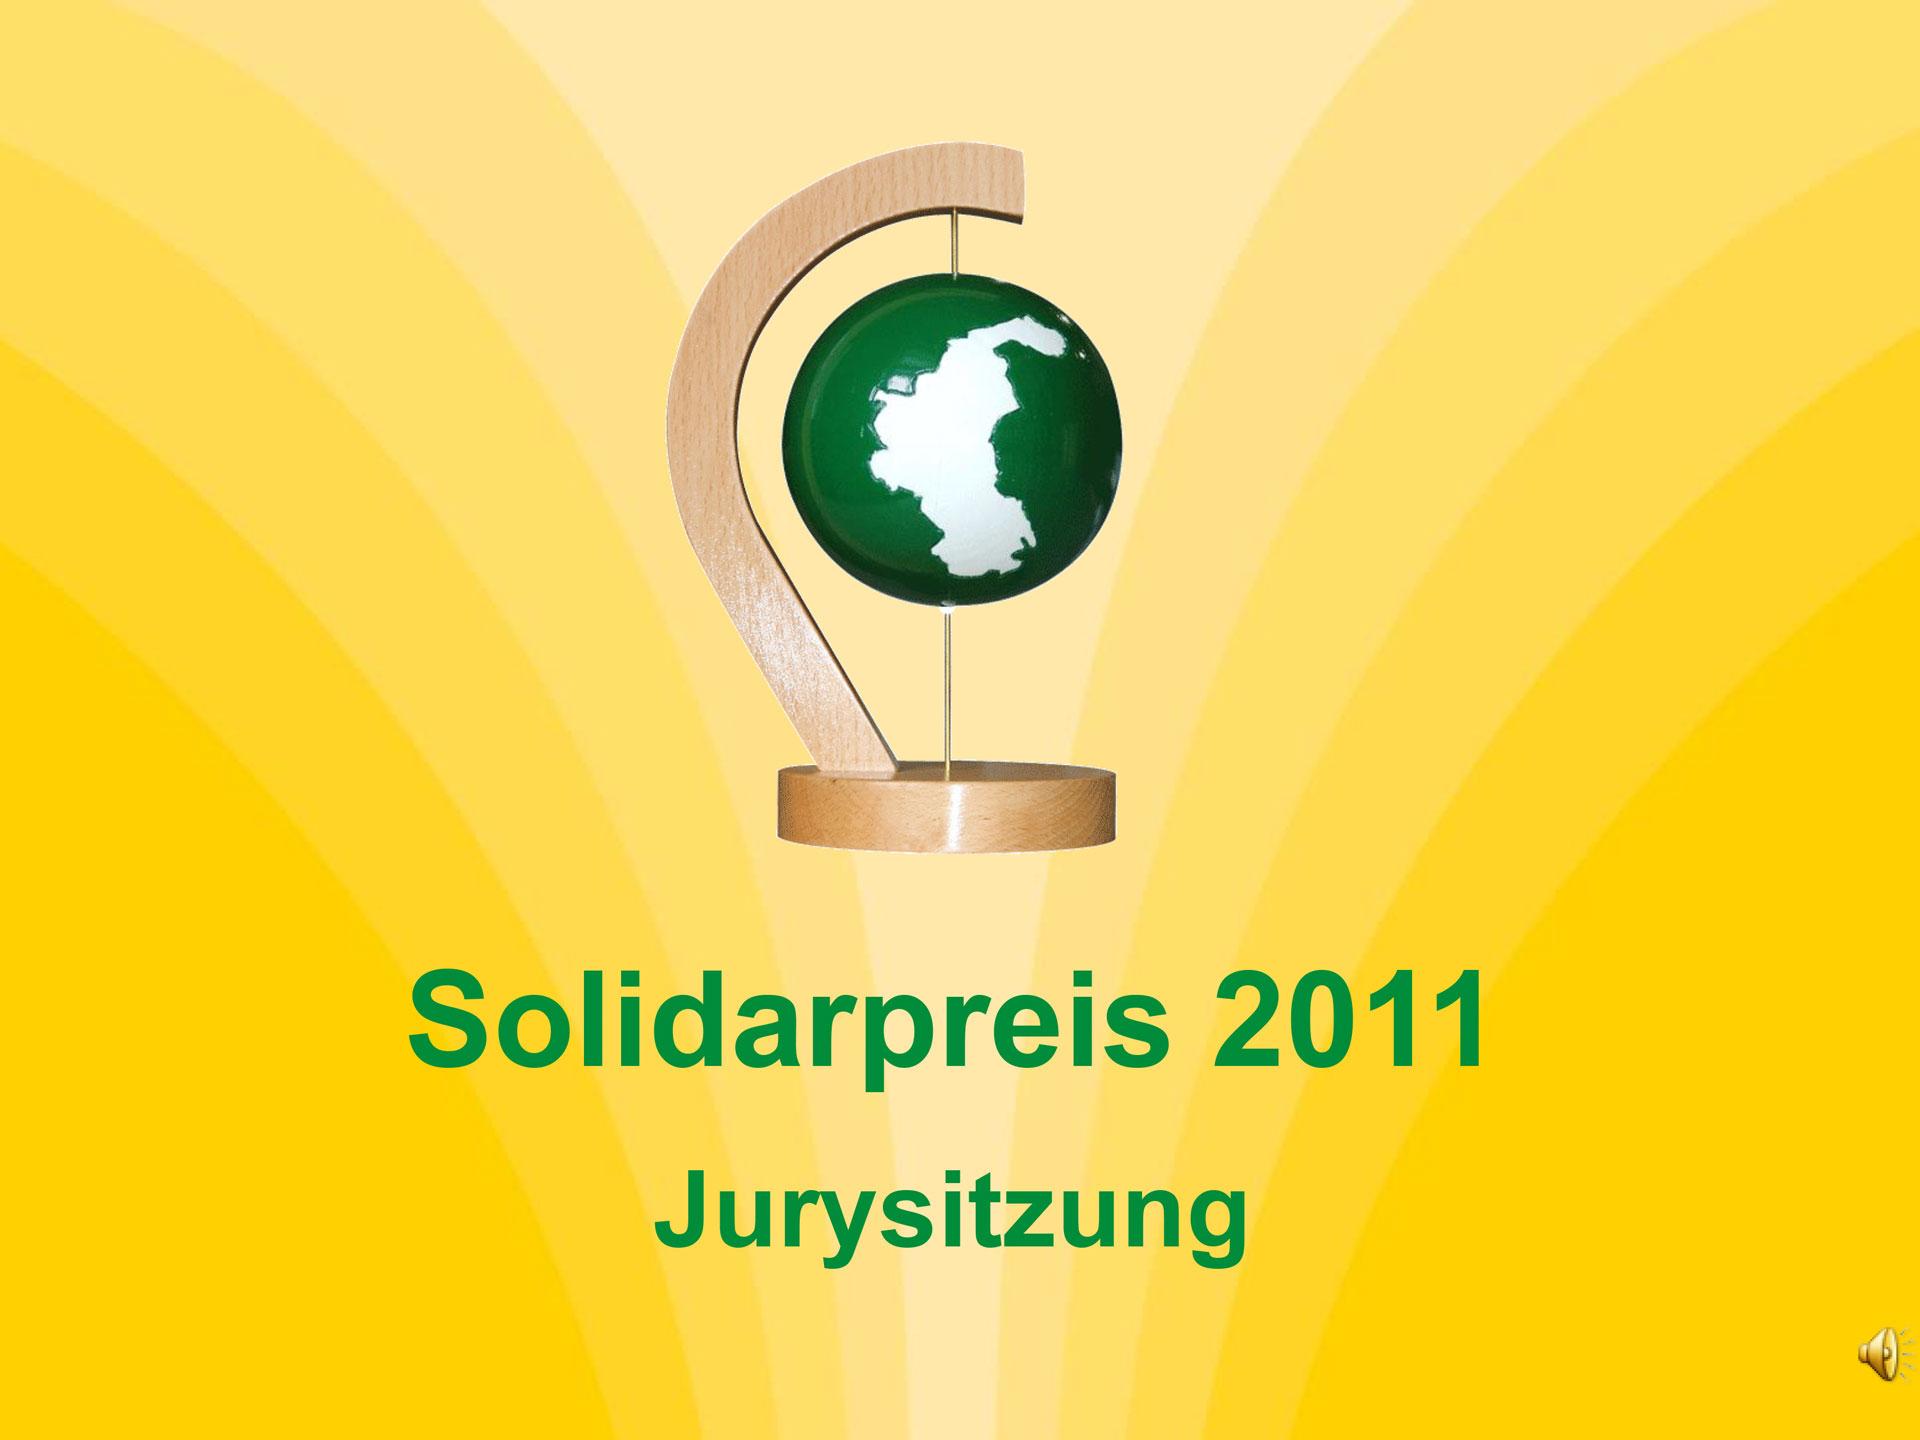 Solidarpreis_2011-1